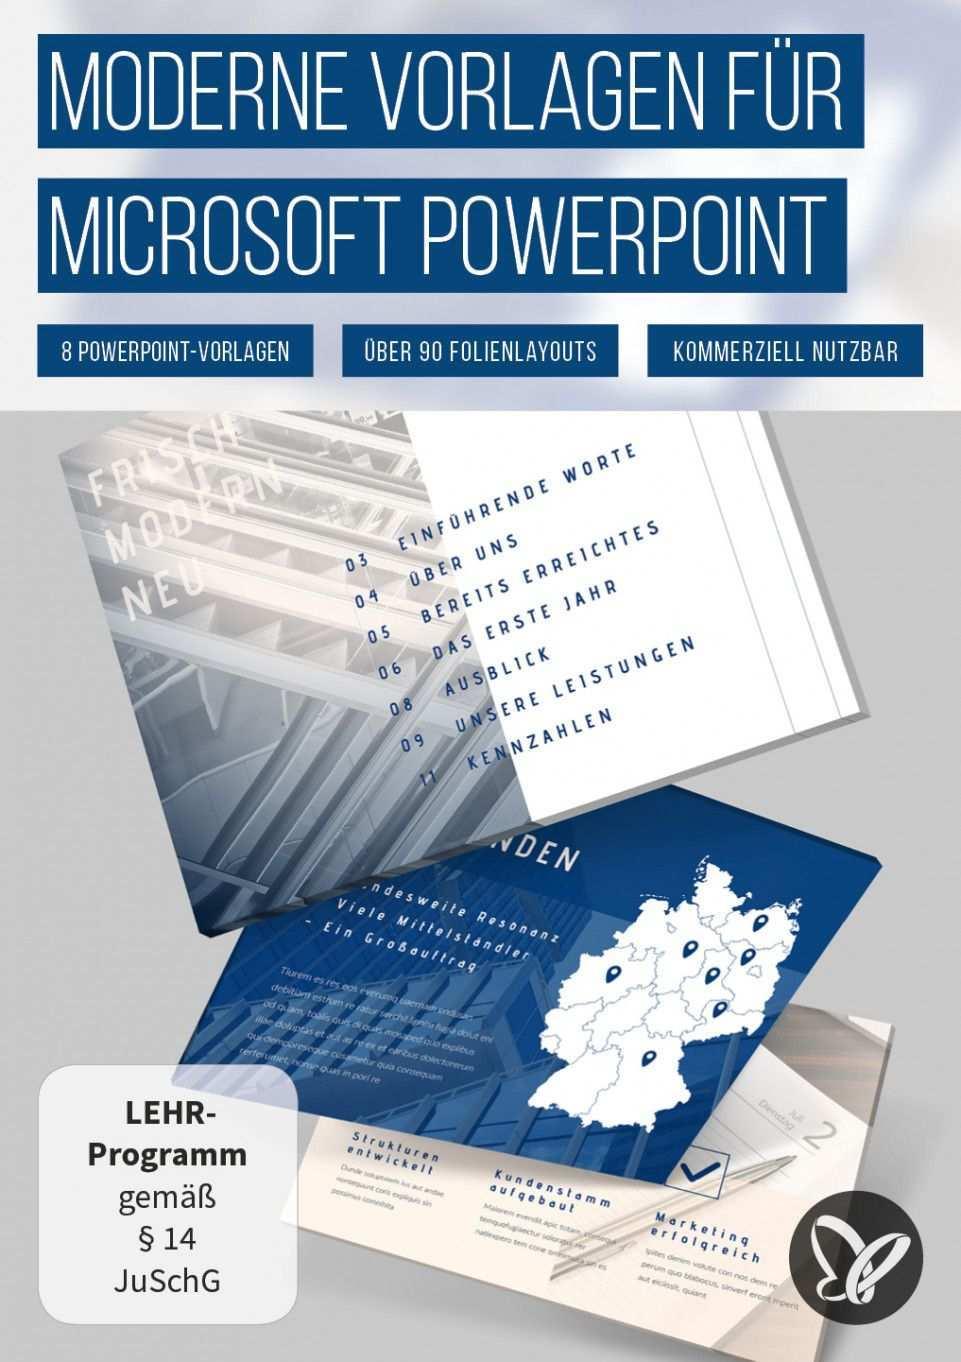 Prasentationsvorlagen Fur Powerpoint Layouts Fur Designstarke Folien Power Point Prasentation Powerpoint Prasentation